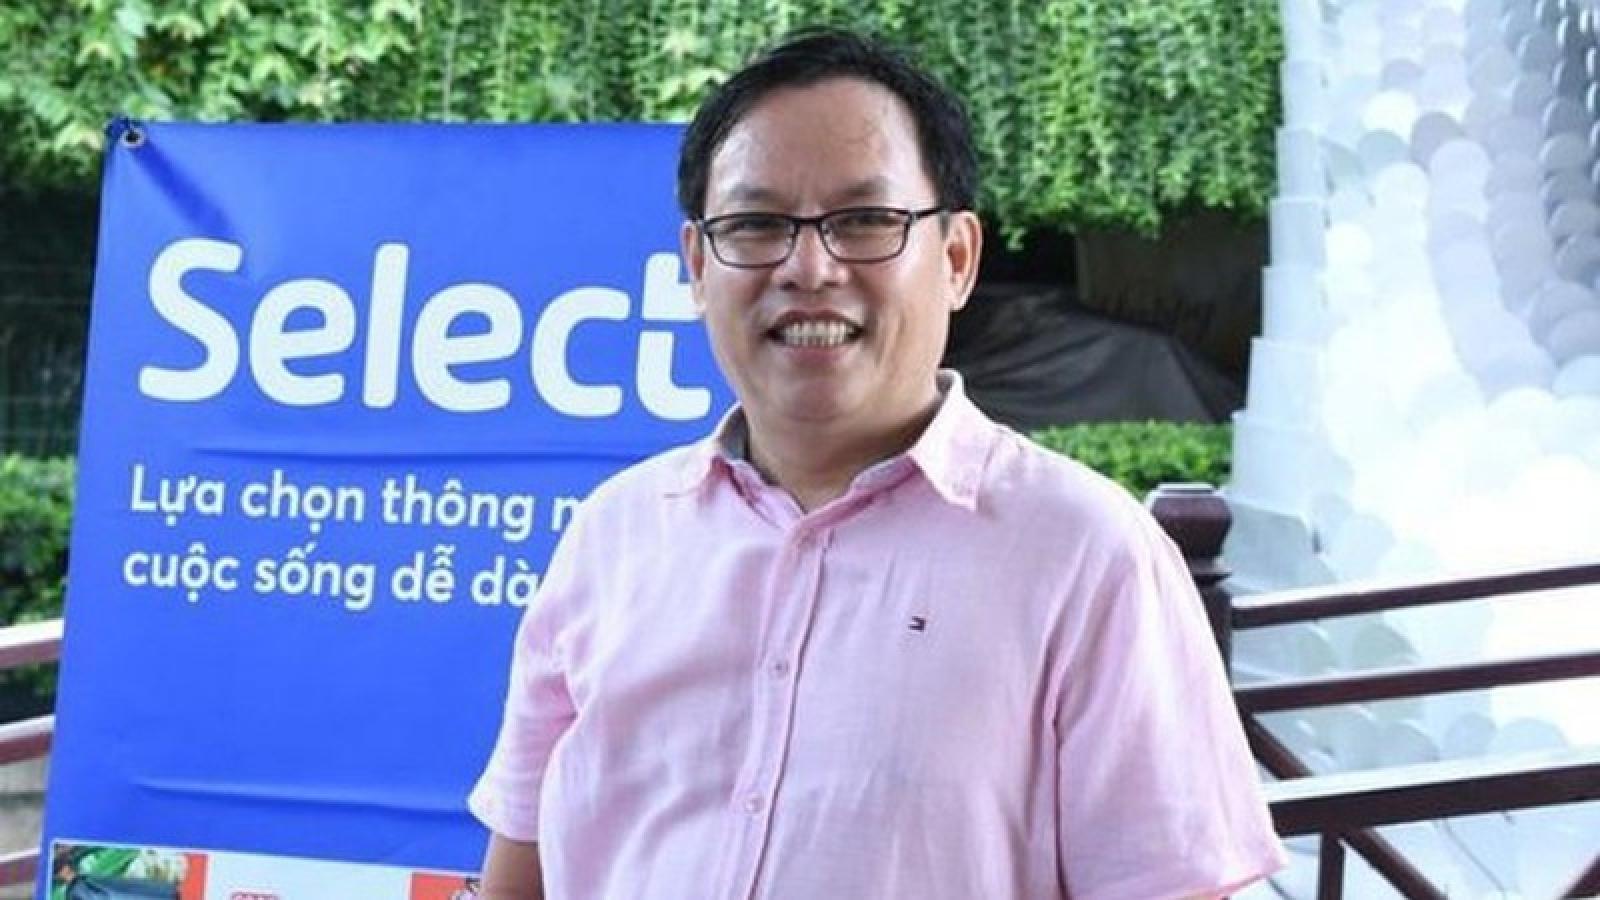 Chủ tịch HĐQT Saigon Co.op gửi đơn xin từ nhiệm